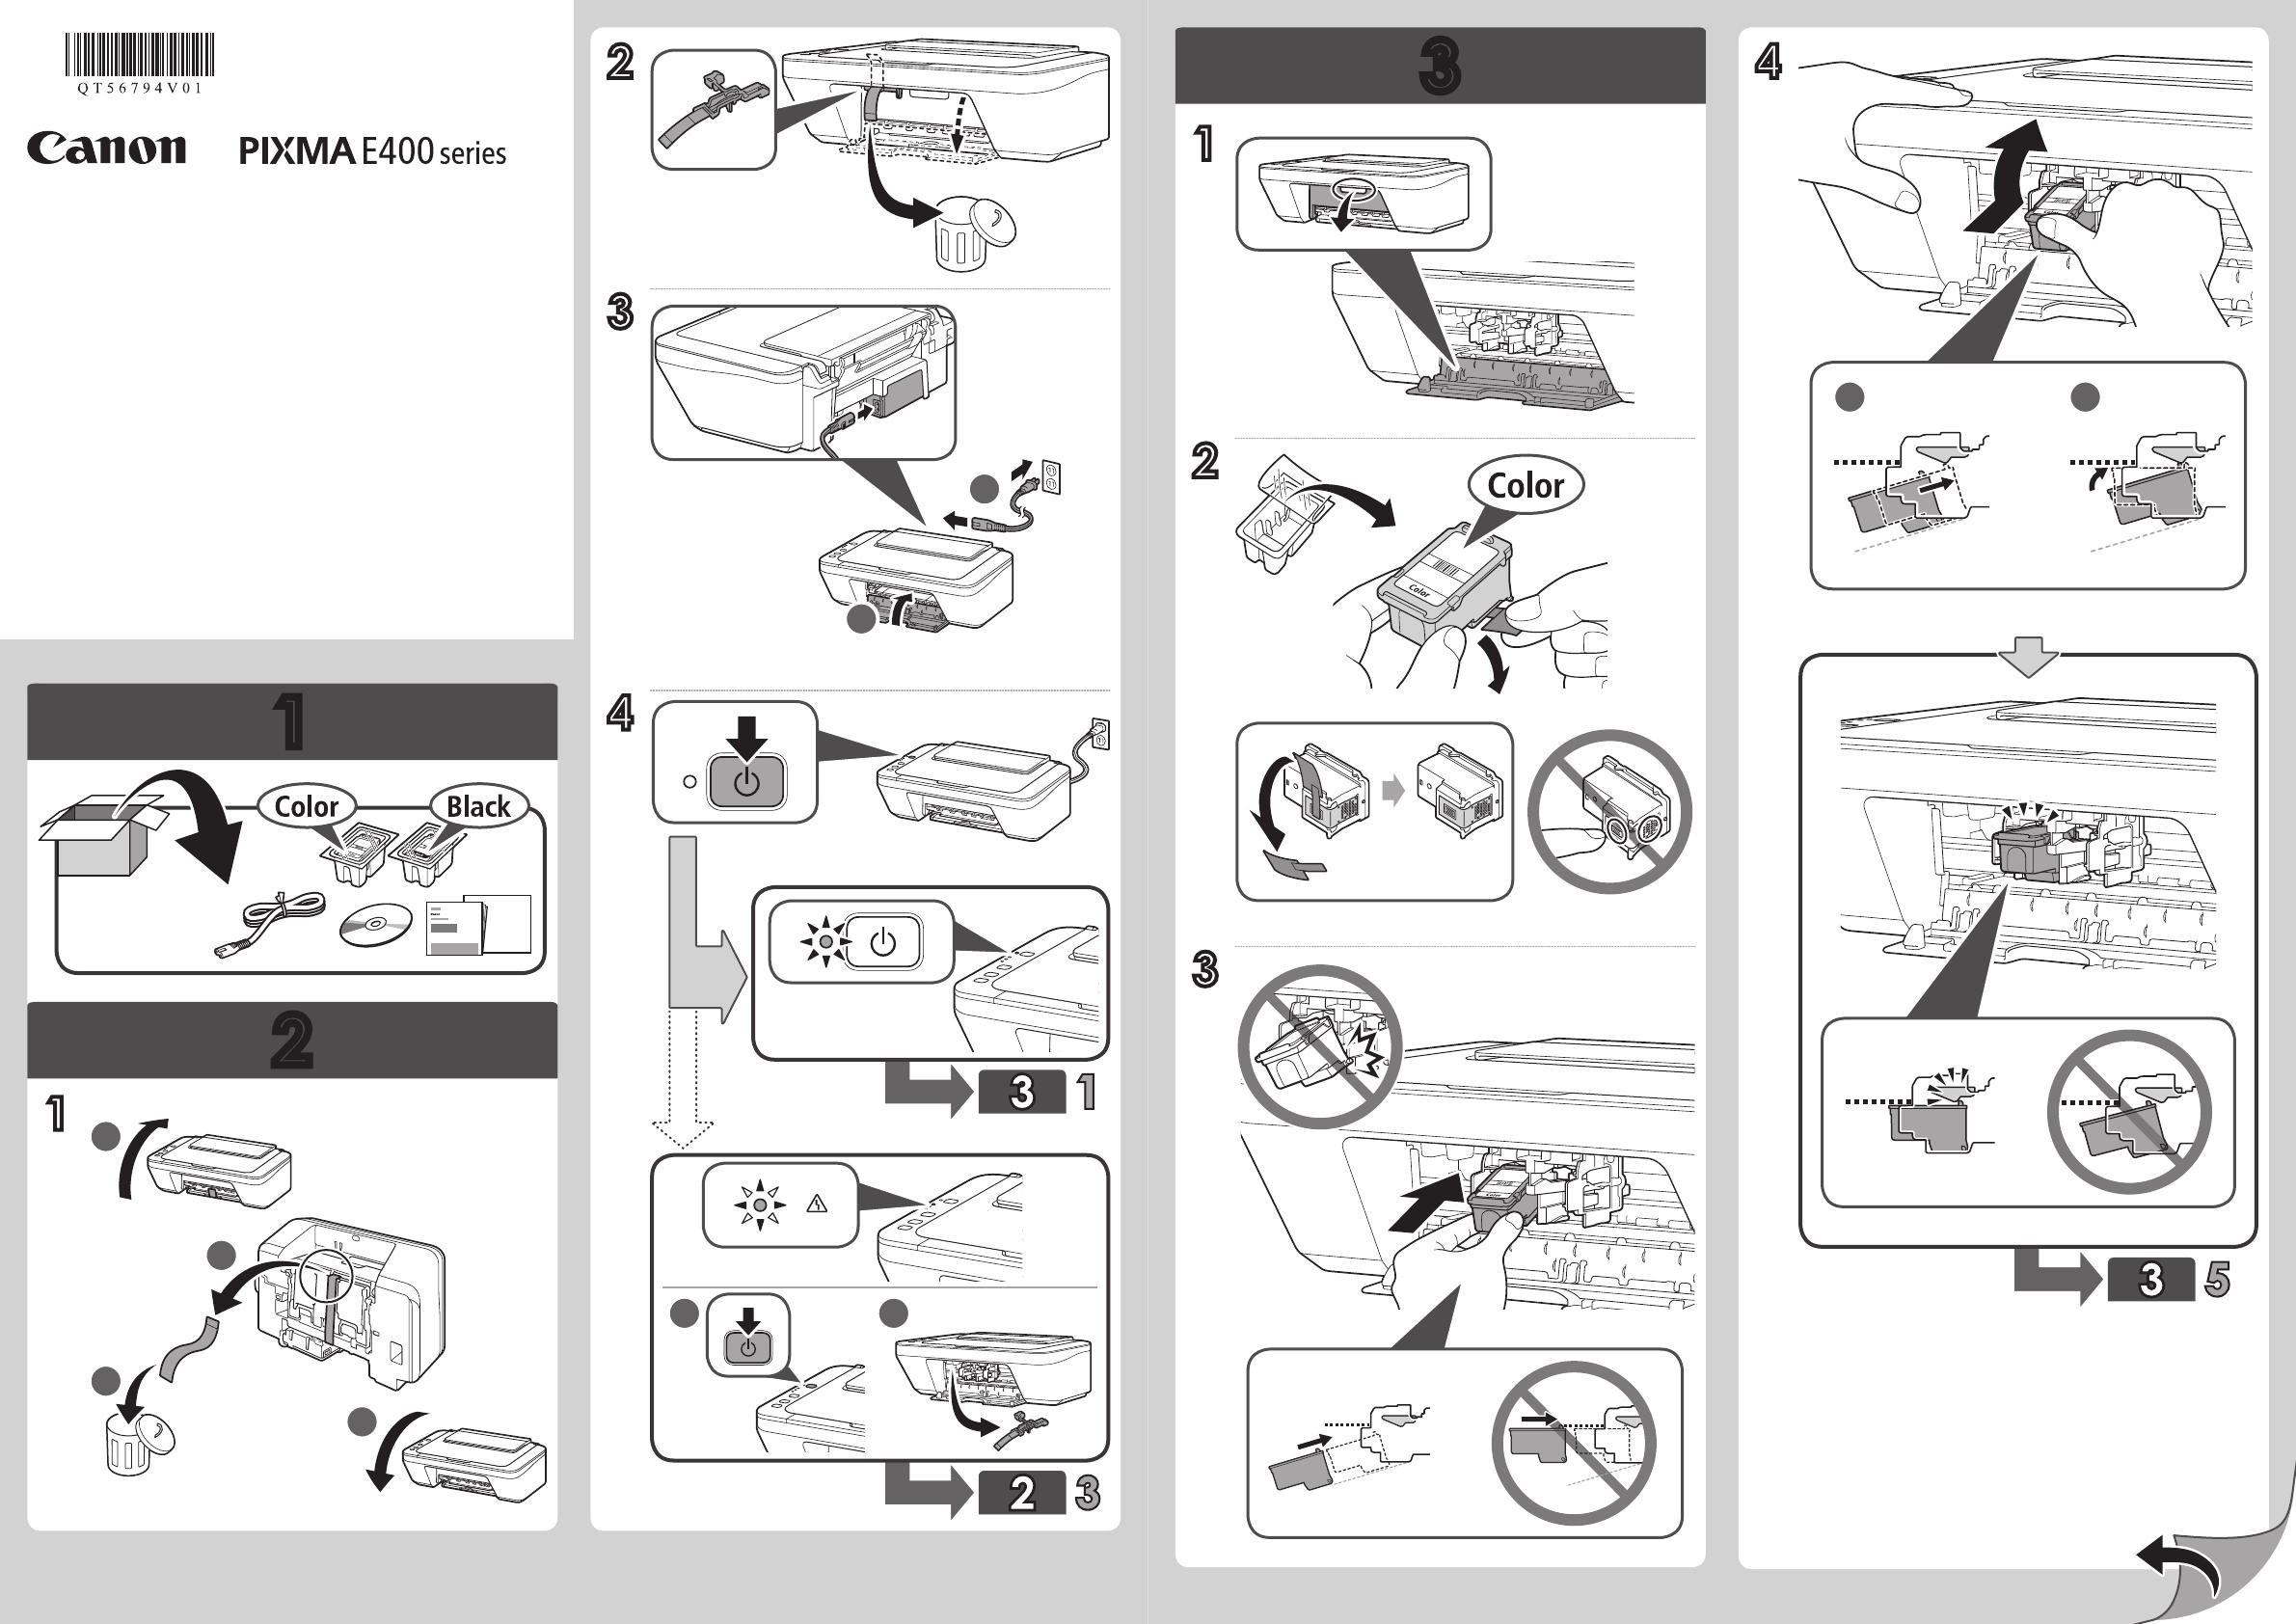 Manual Canon Pixma E470 series Windows (page 1 of 2) (All